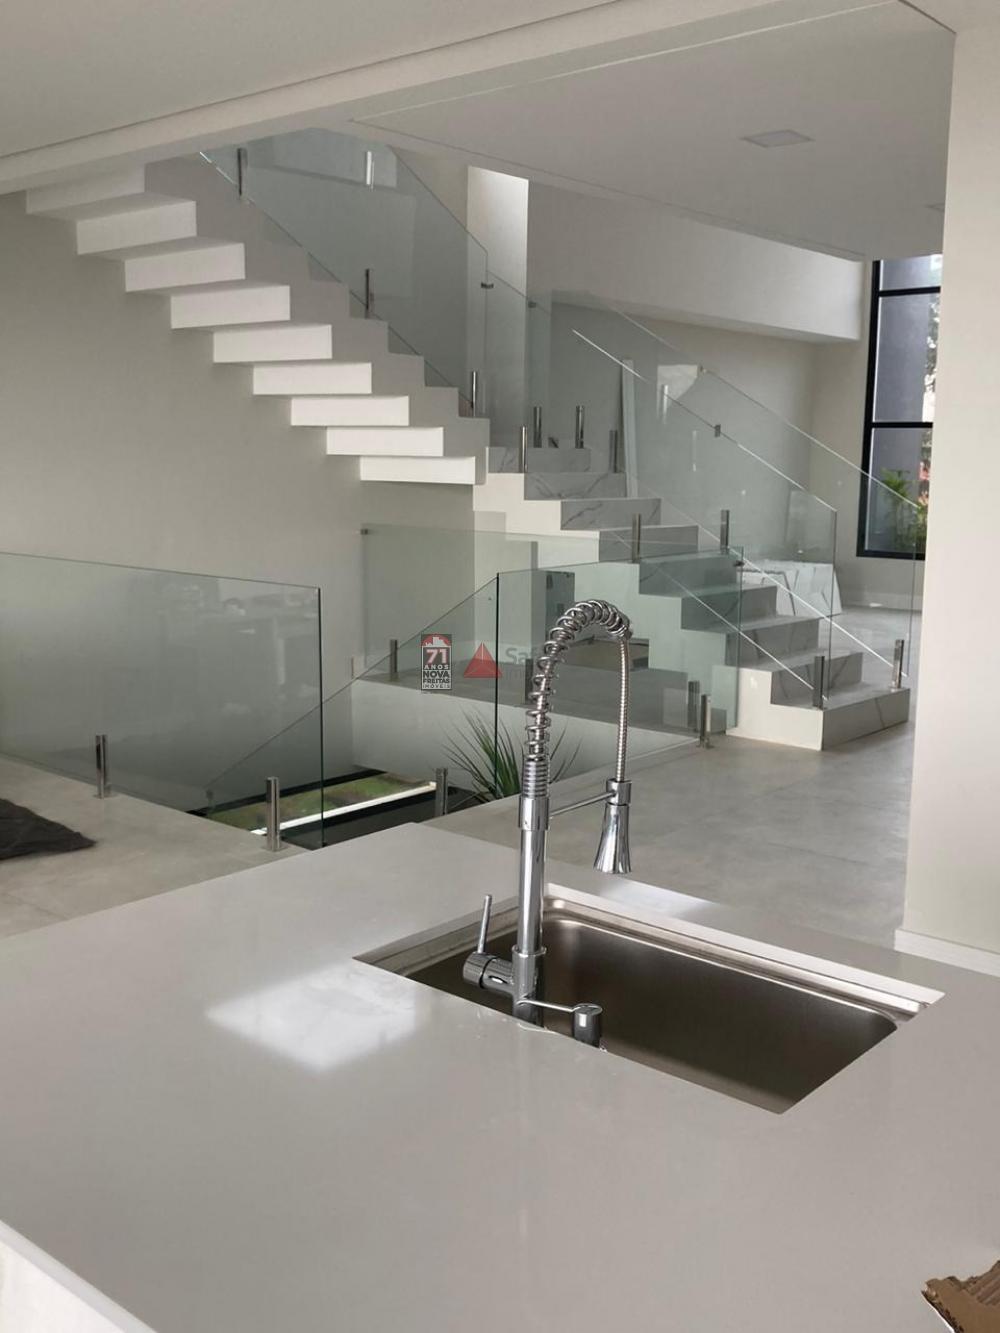 Comprar Casa / Sobrado em Condomínio em São José dos Campos apenas R$ 3.000.000,00 - Foto 5